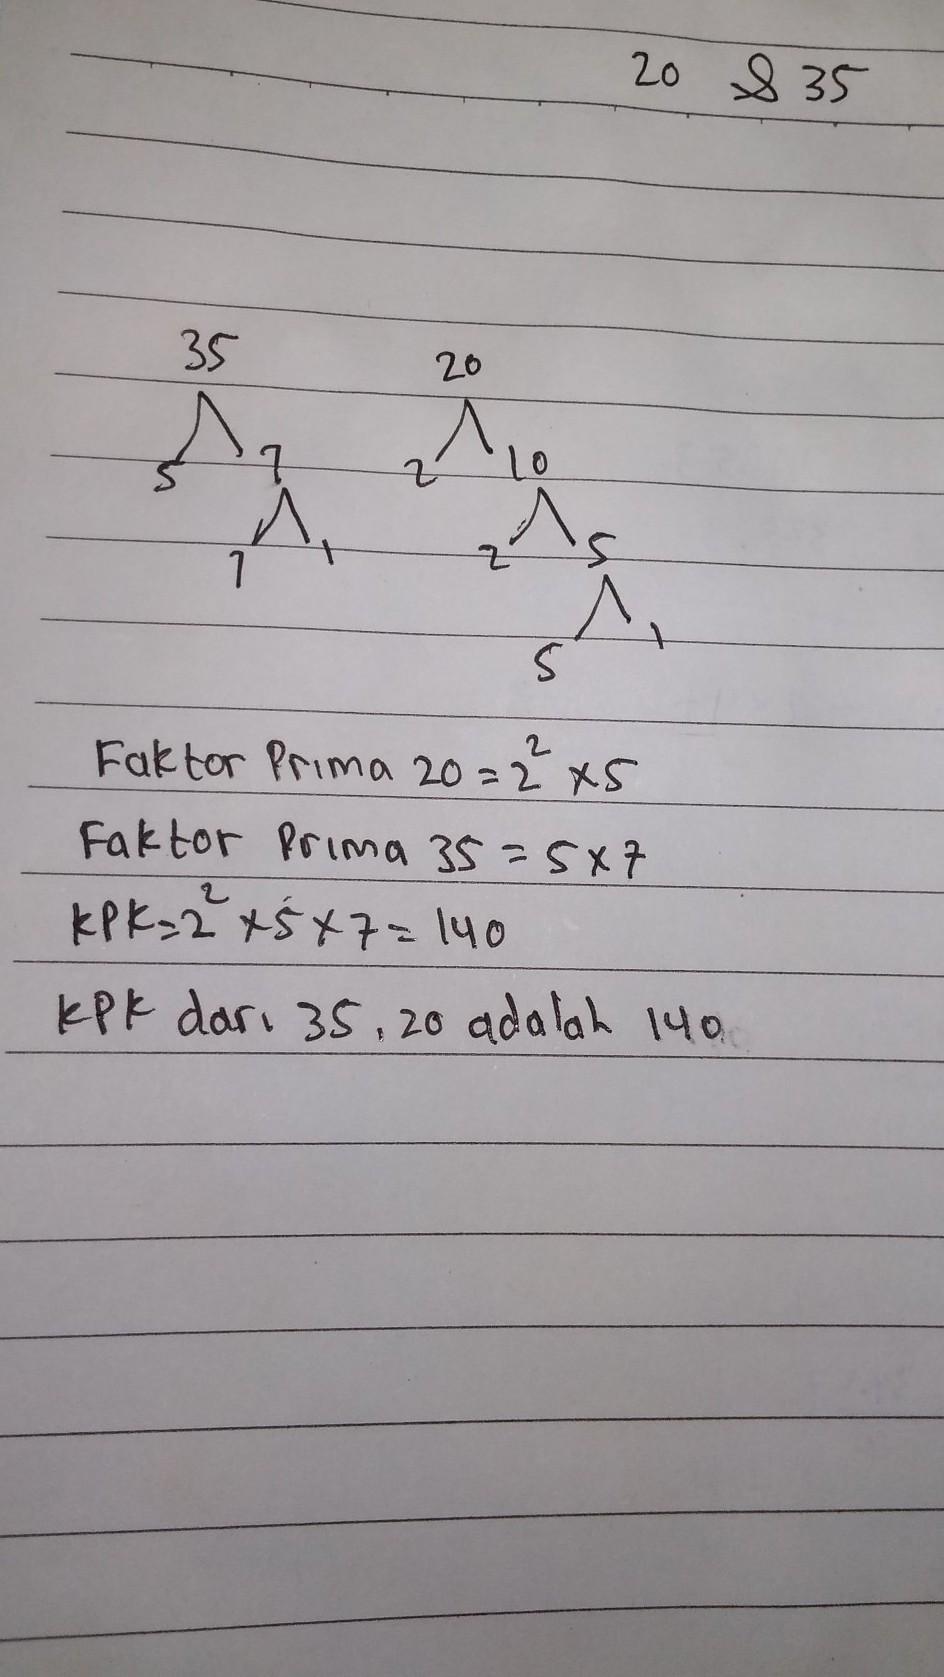 Faktorisasi Prima Adalah : faktorisasi, prima, adalah, Dalam, Bentuk, Faktorisasi, Prima, Adalah, Brainly.co.id